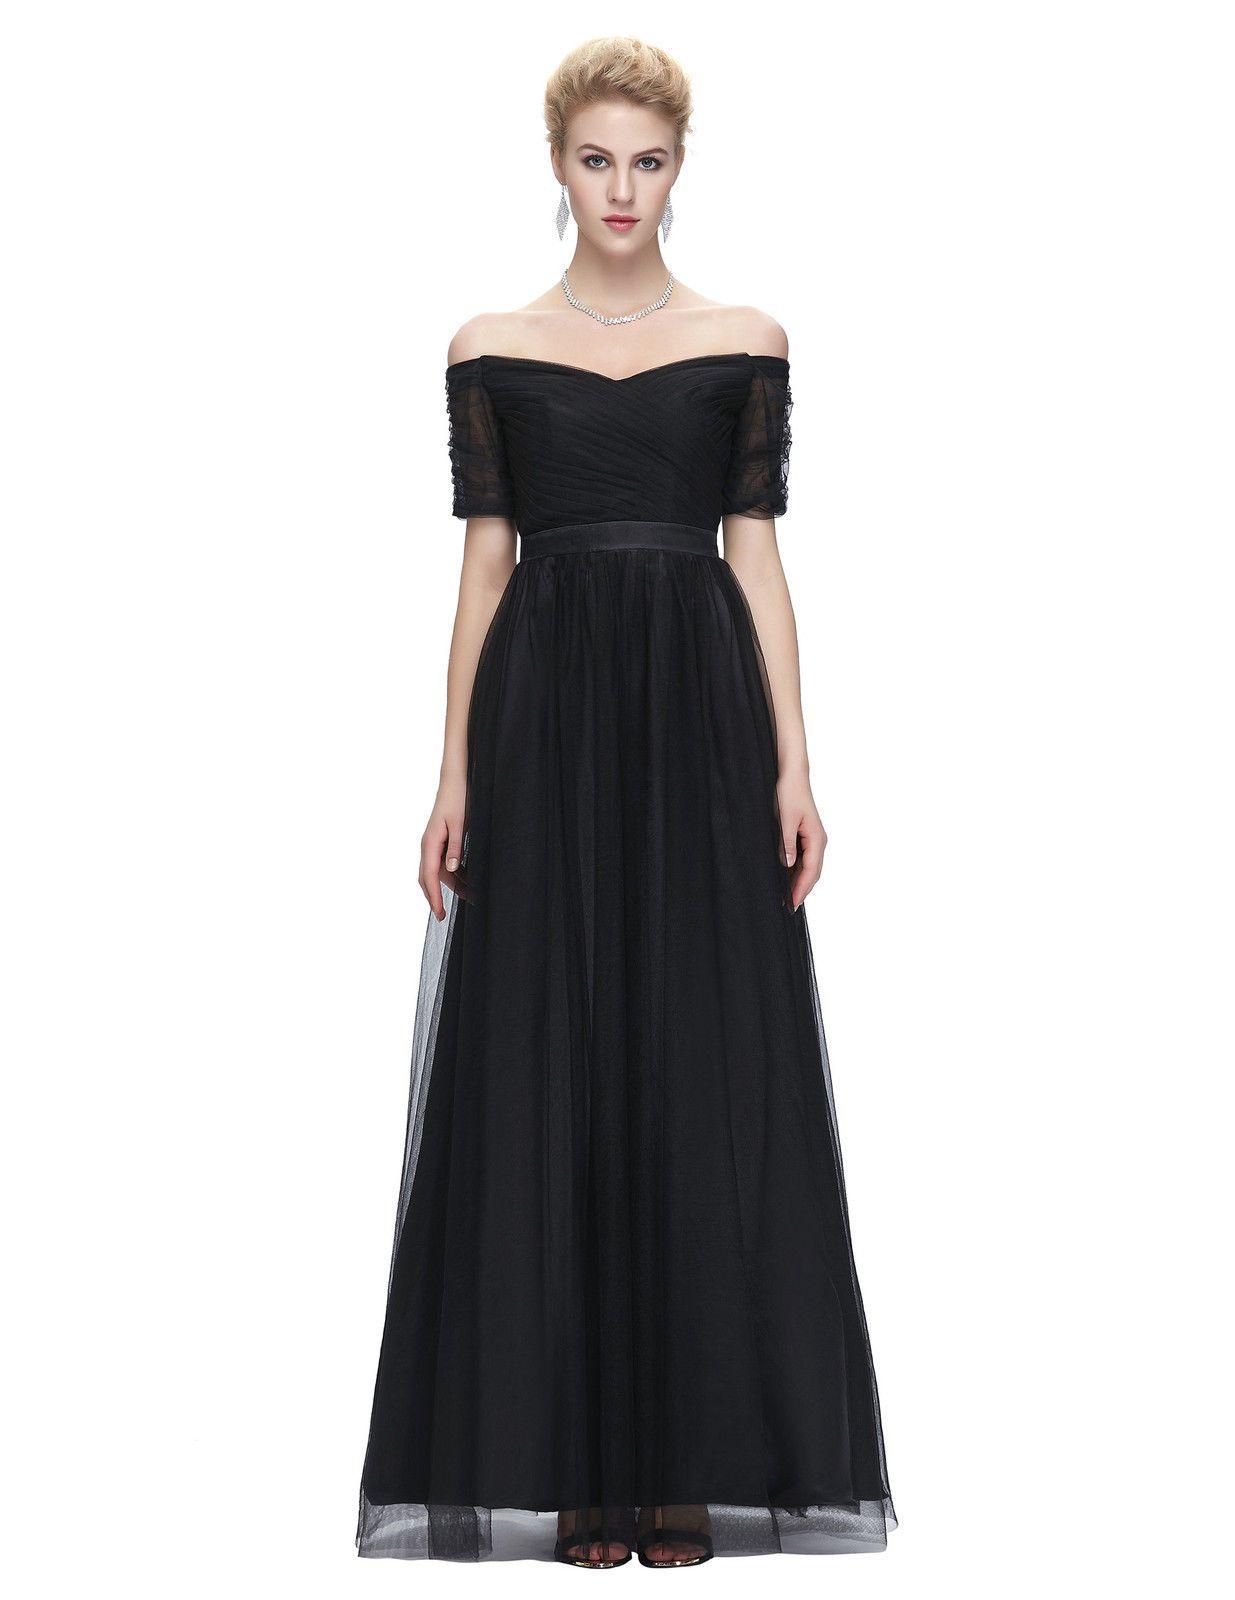 Party kleider ebay - Beliebte kurze kleider